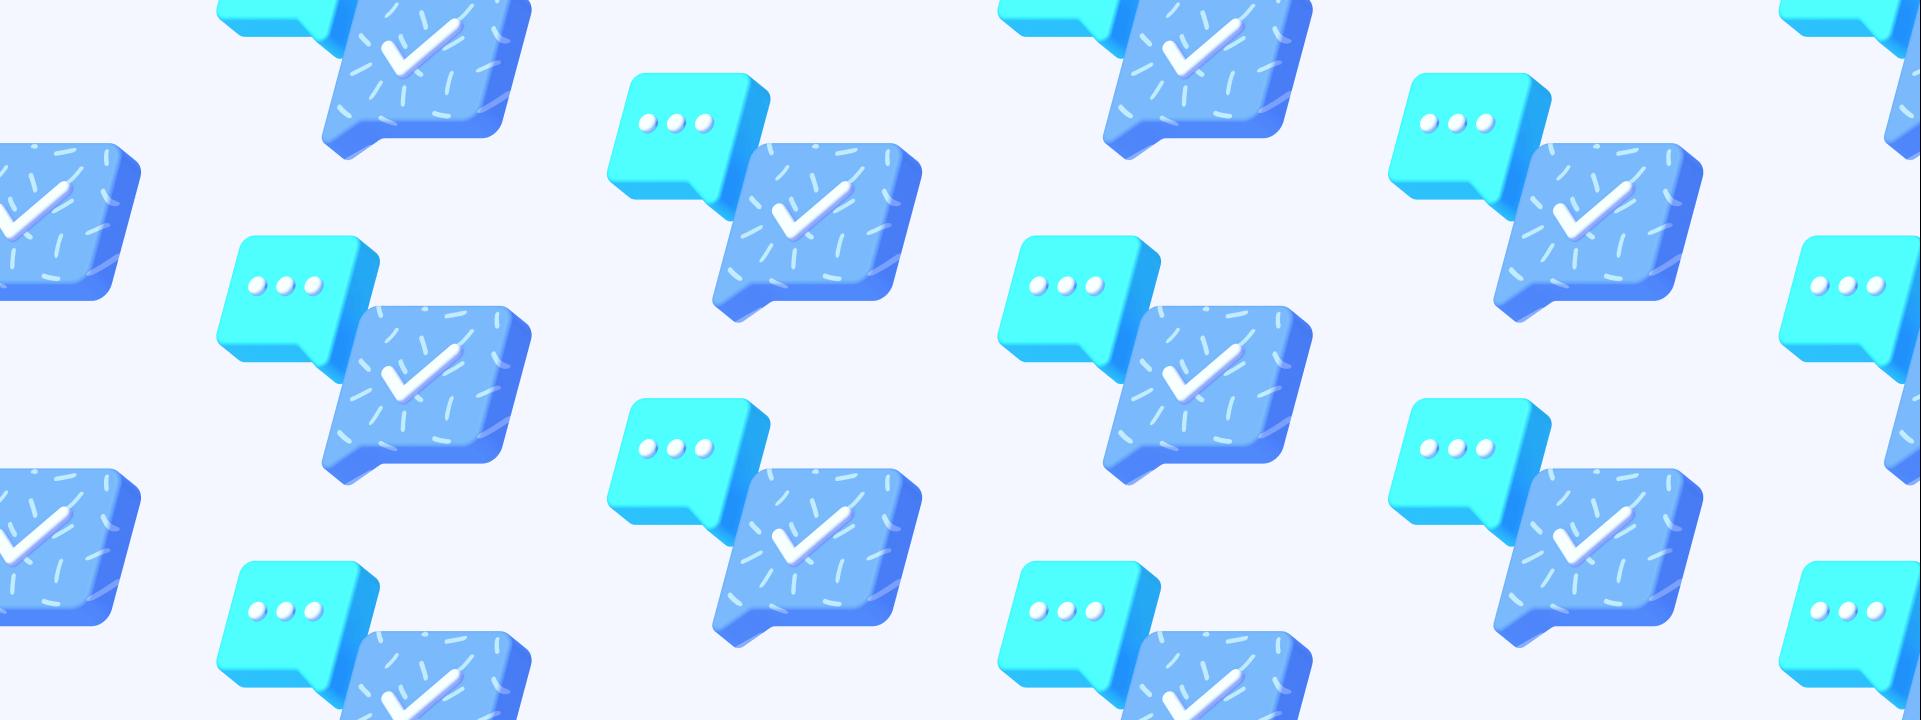 usability testing methods illustration